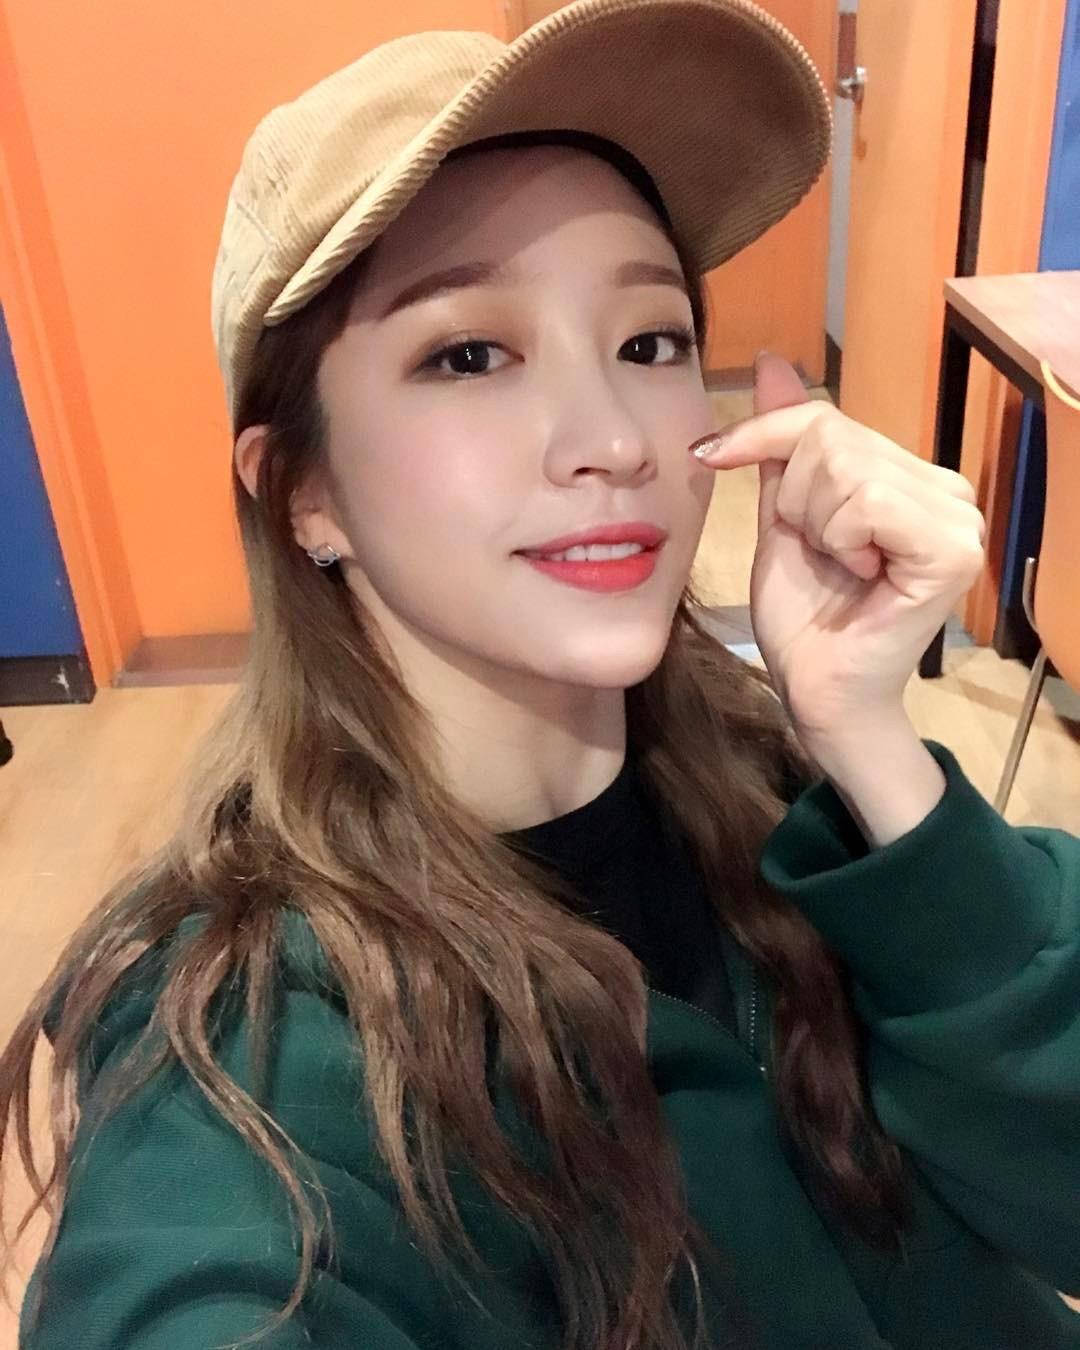 韓國女星Hani 遭受人身安全威脅-圖1